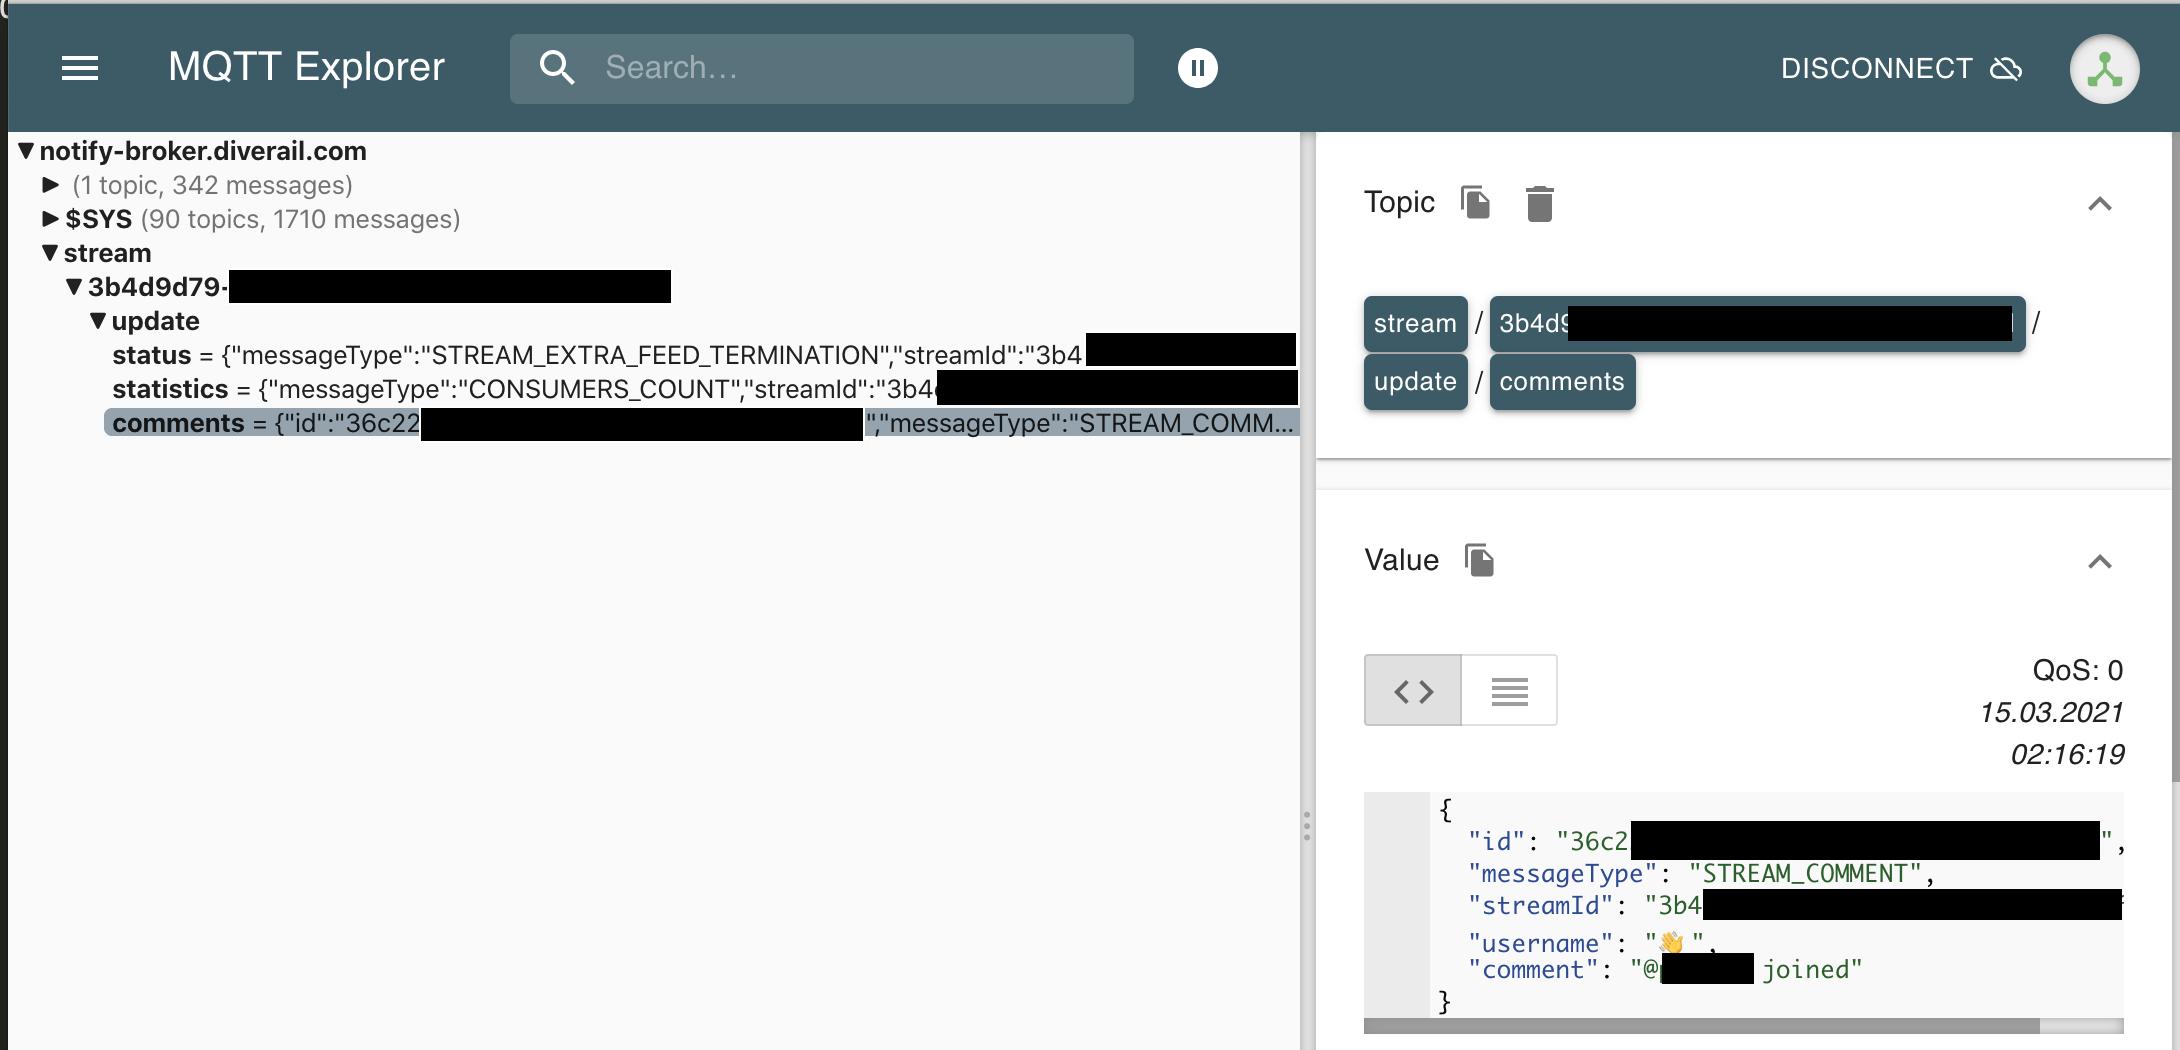 Screenshot von MQTT-Messages, wie z.B. dass eine Benutzer\*in den Raum betreten hat